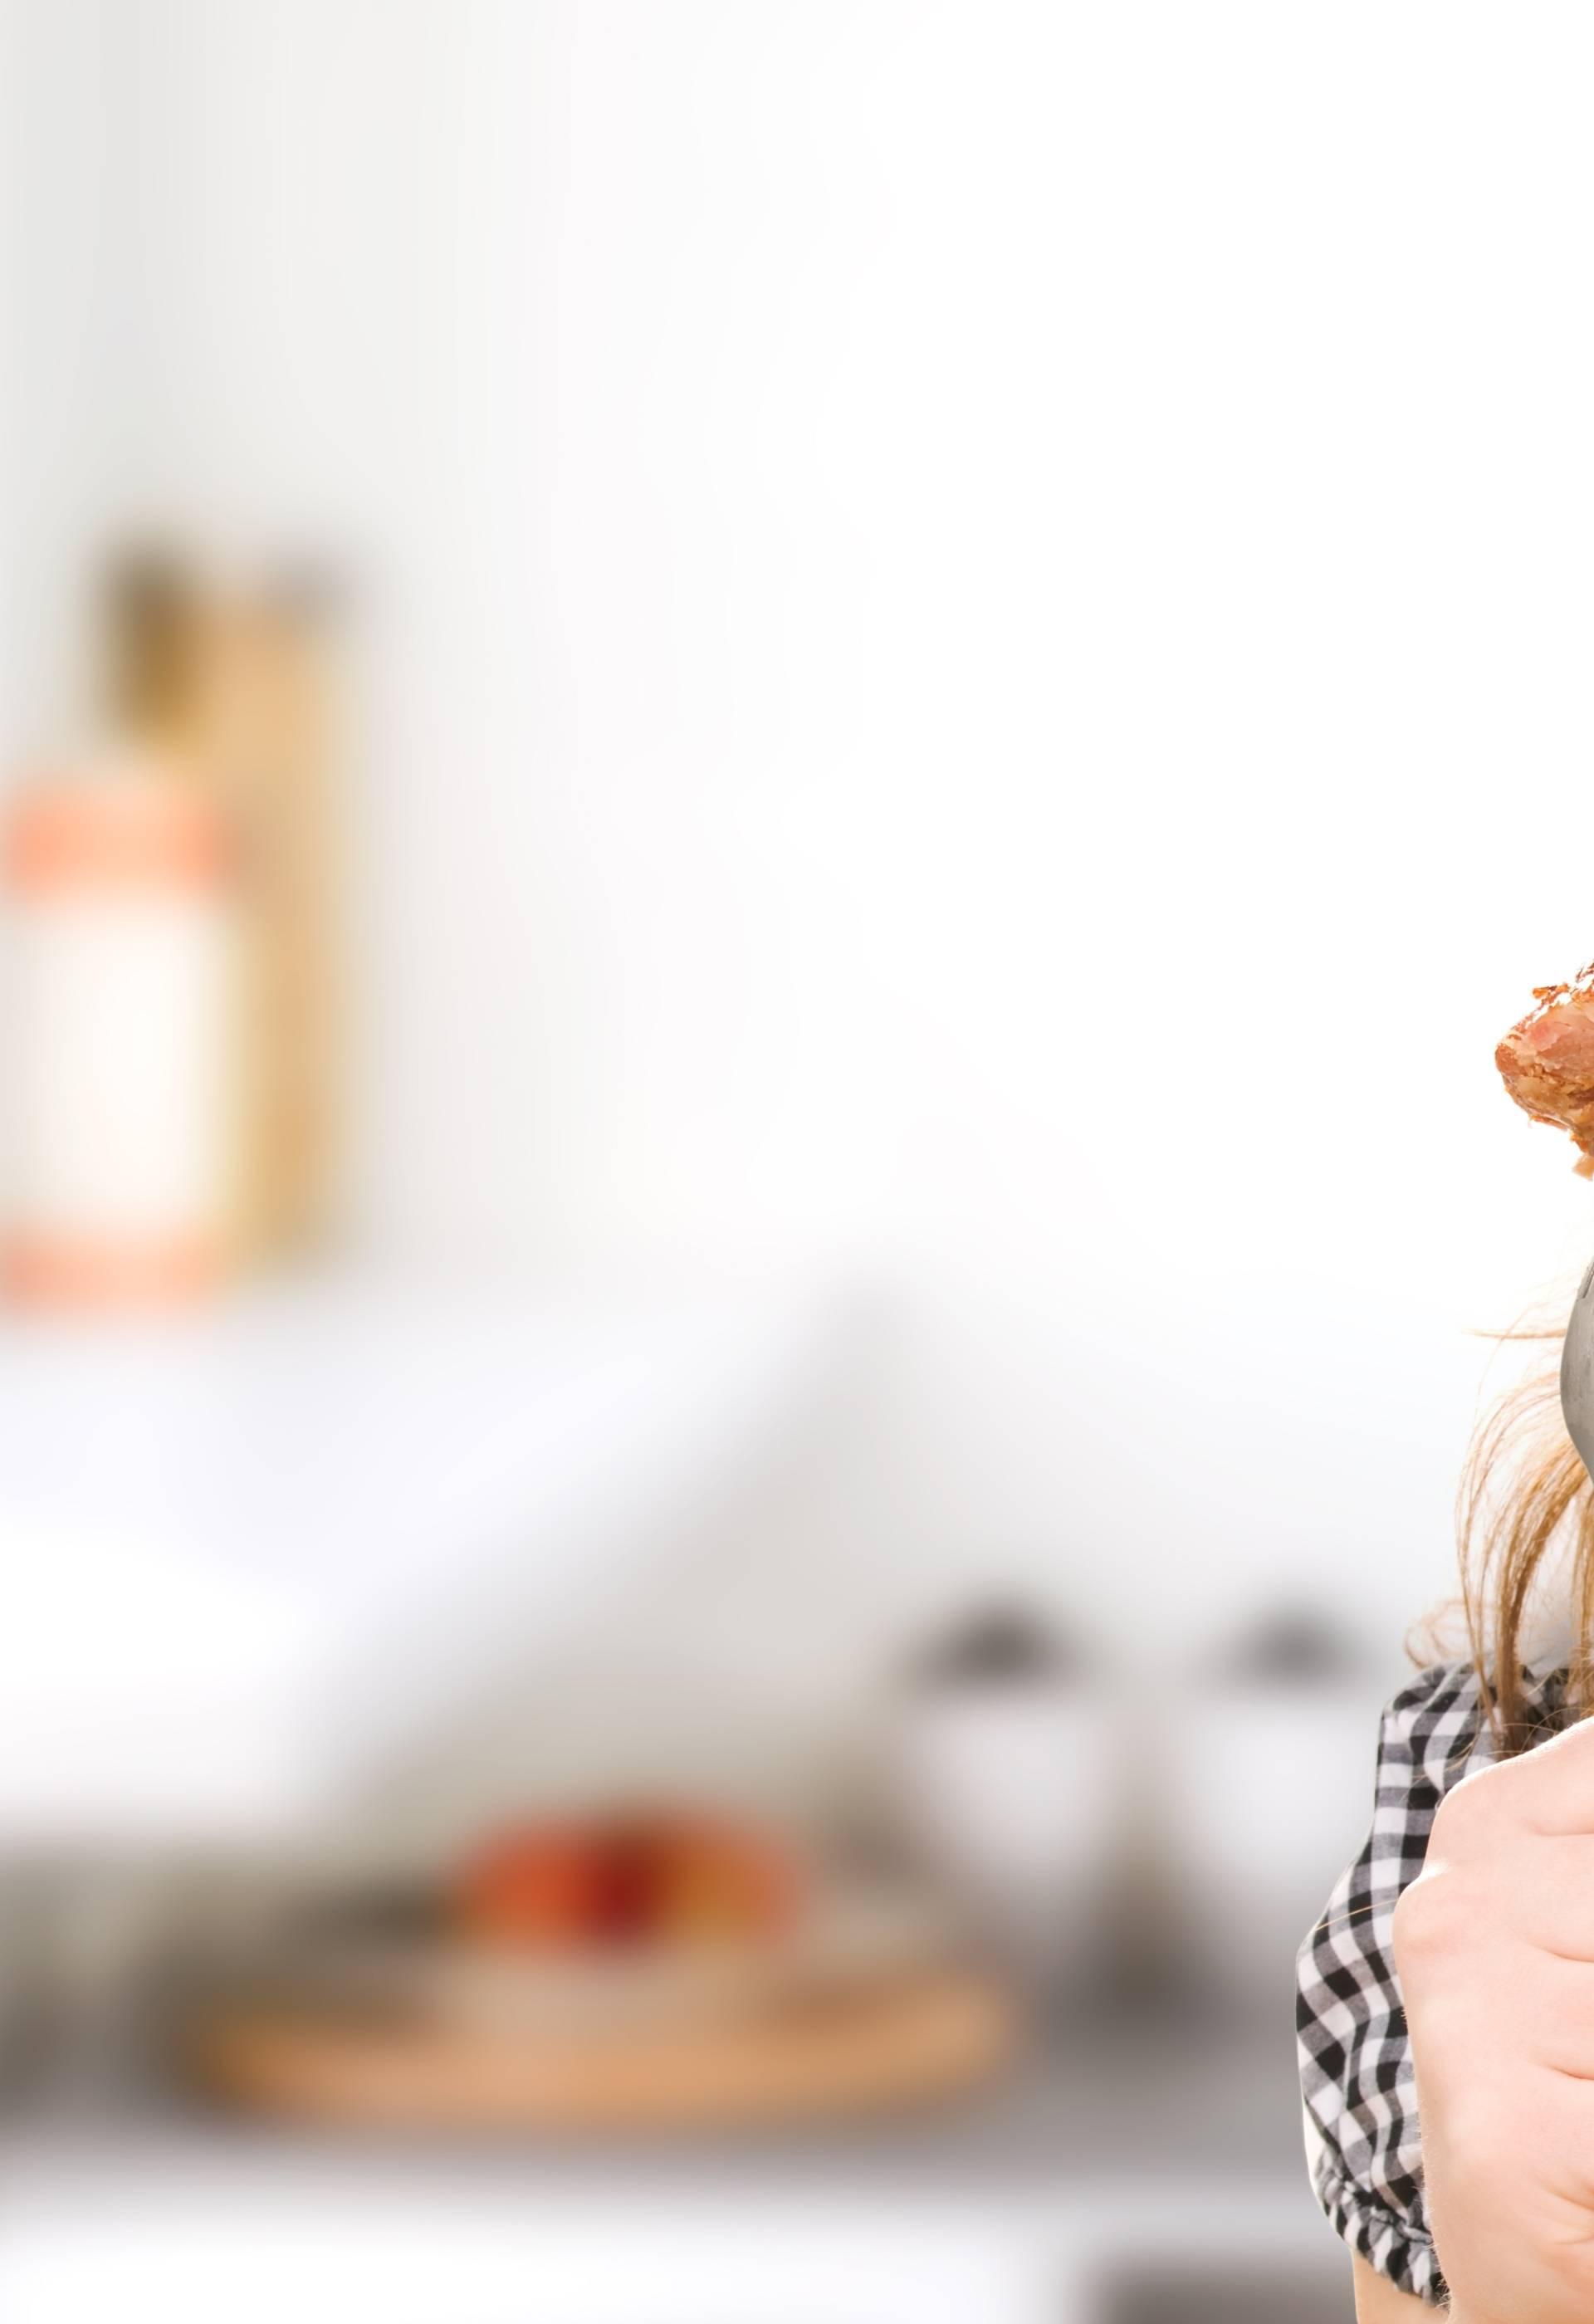 Non-stop jedu, a ne debljaju se - sretnici s drugačijim mastima